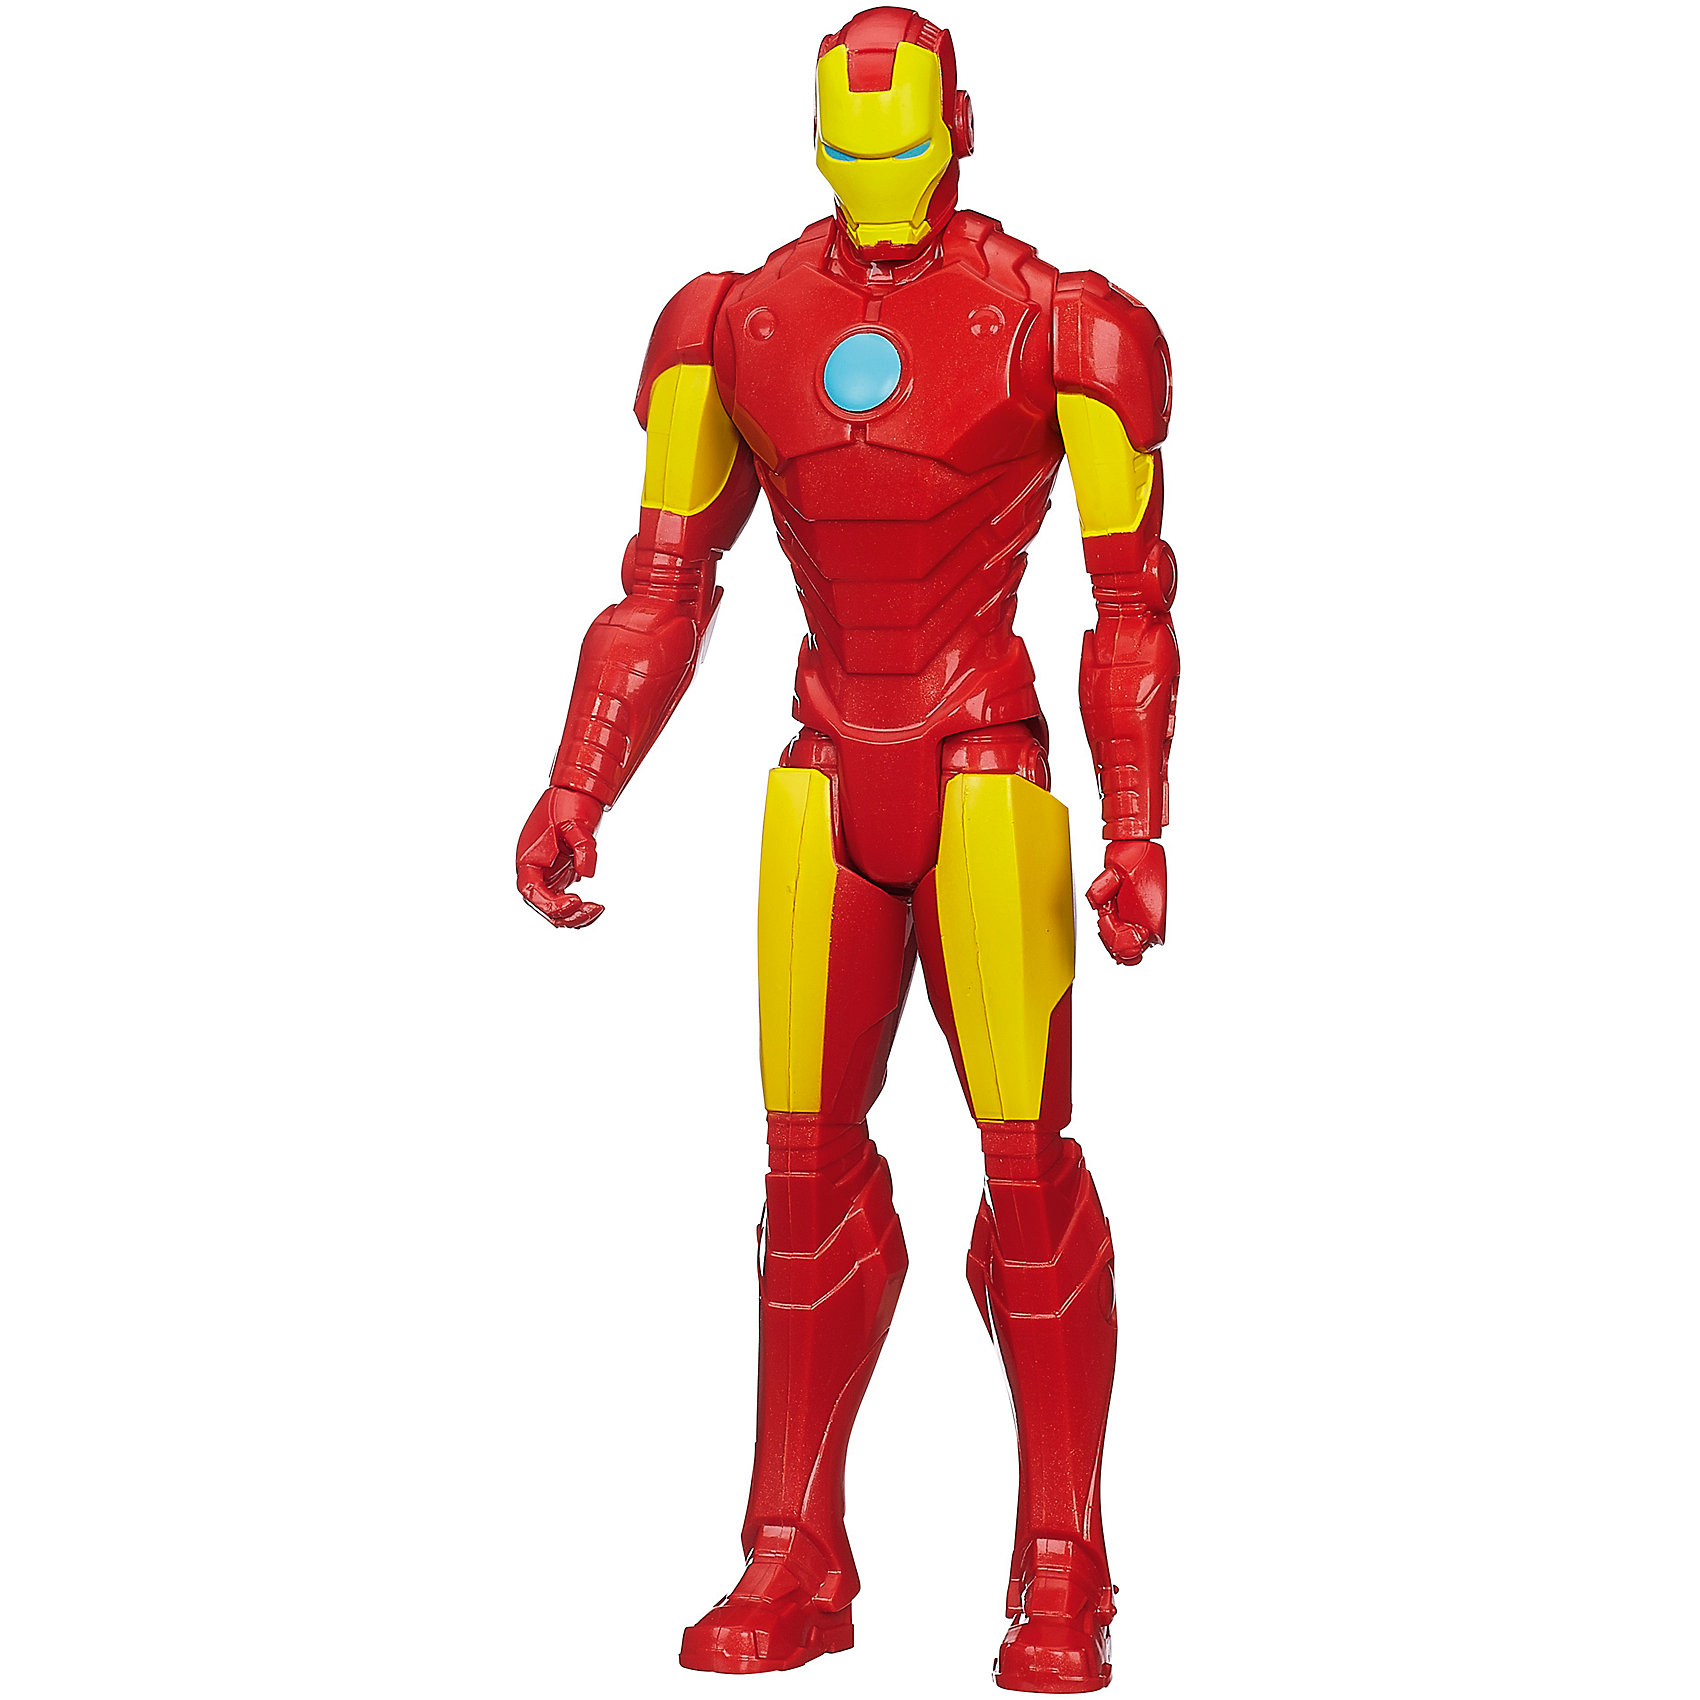 Титаны: Железный человек, 30 см, Marvel HeroesИгрушки<br>Фигурка Титаны: Железный человек, Marvel Heroes станет приятным сюрпризом для Вашего ребенка, особенно если он является поклонником популярных комиксов и фильмов о супергероях Мстители (Avengers) . Большая фигурка Железного человека выполнена с высокой степенью детализации и полностью повторяет своего экранного персонажа. Теперь можно разыгрывать по-настоящему масштабные сражения с любимым персонажем. У фигурки подвижные части тела в пяти местах.<br><br>Дополнительная информация:<br><br>- Материал: пластик.<br>- Высота фигурки: 30 см.<br>- Вес: 0,3 кг. <br><br>Фигурку Титаны: Железный человек, Marvel Heroes можно купить в нашем интернет-магазине.<br><br>Ширина мм: 310<br>Глубина мм: 104<br>Высота мм: 55<br>Вес г: 236<br>Возраст от месяцев: 48<br>Возраст до месяцев: 96<br>Пол: Мужской<br>Возраст: Детский<br>SKU: 3934888